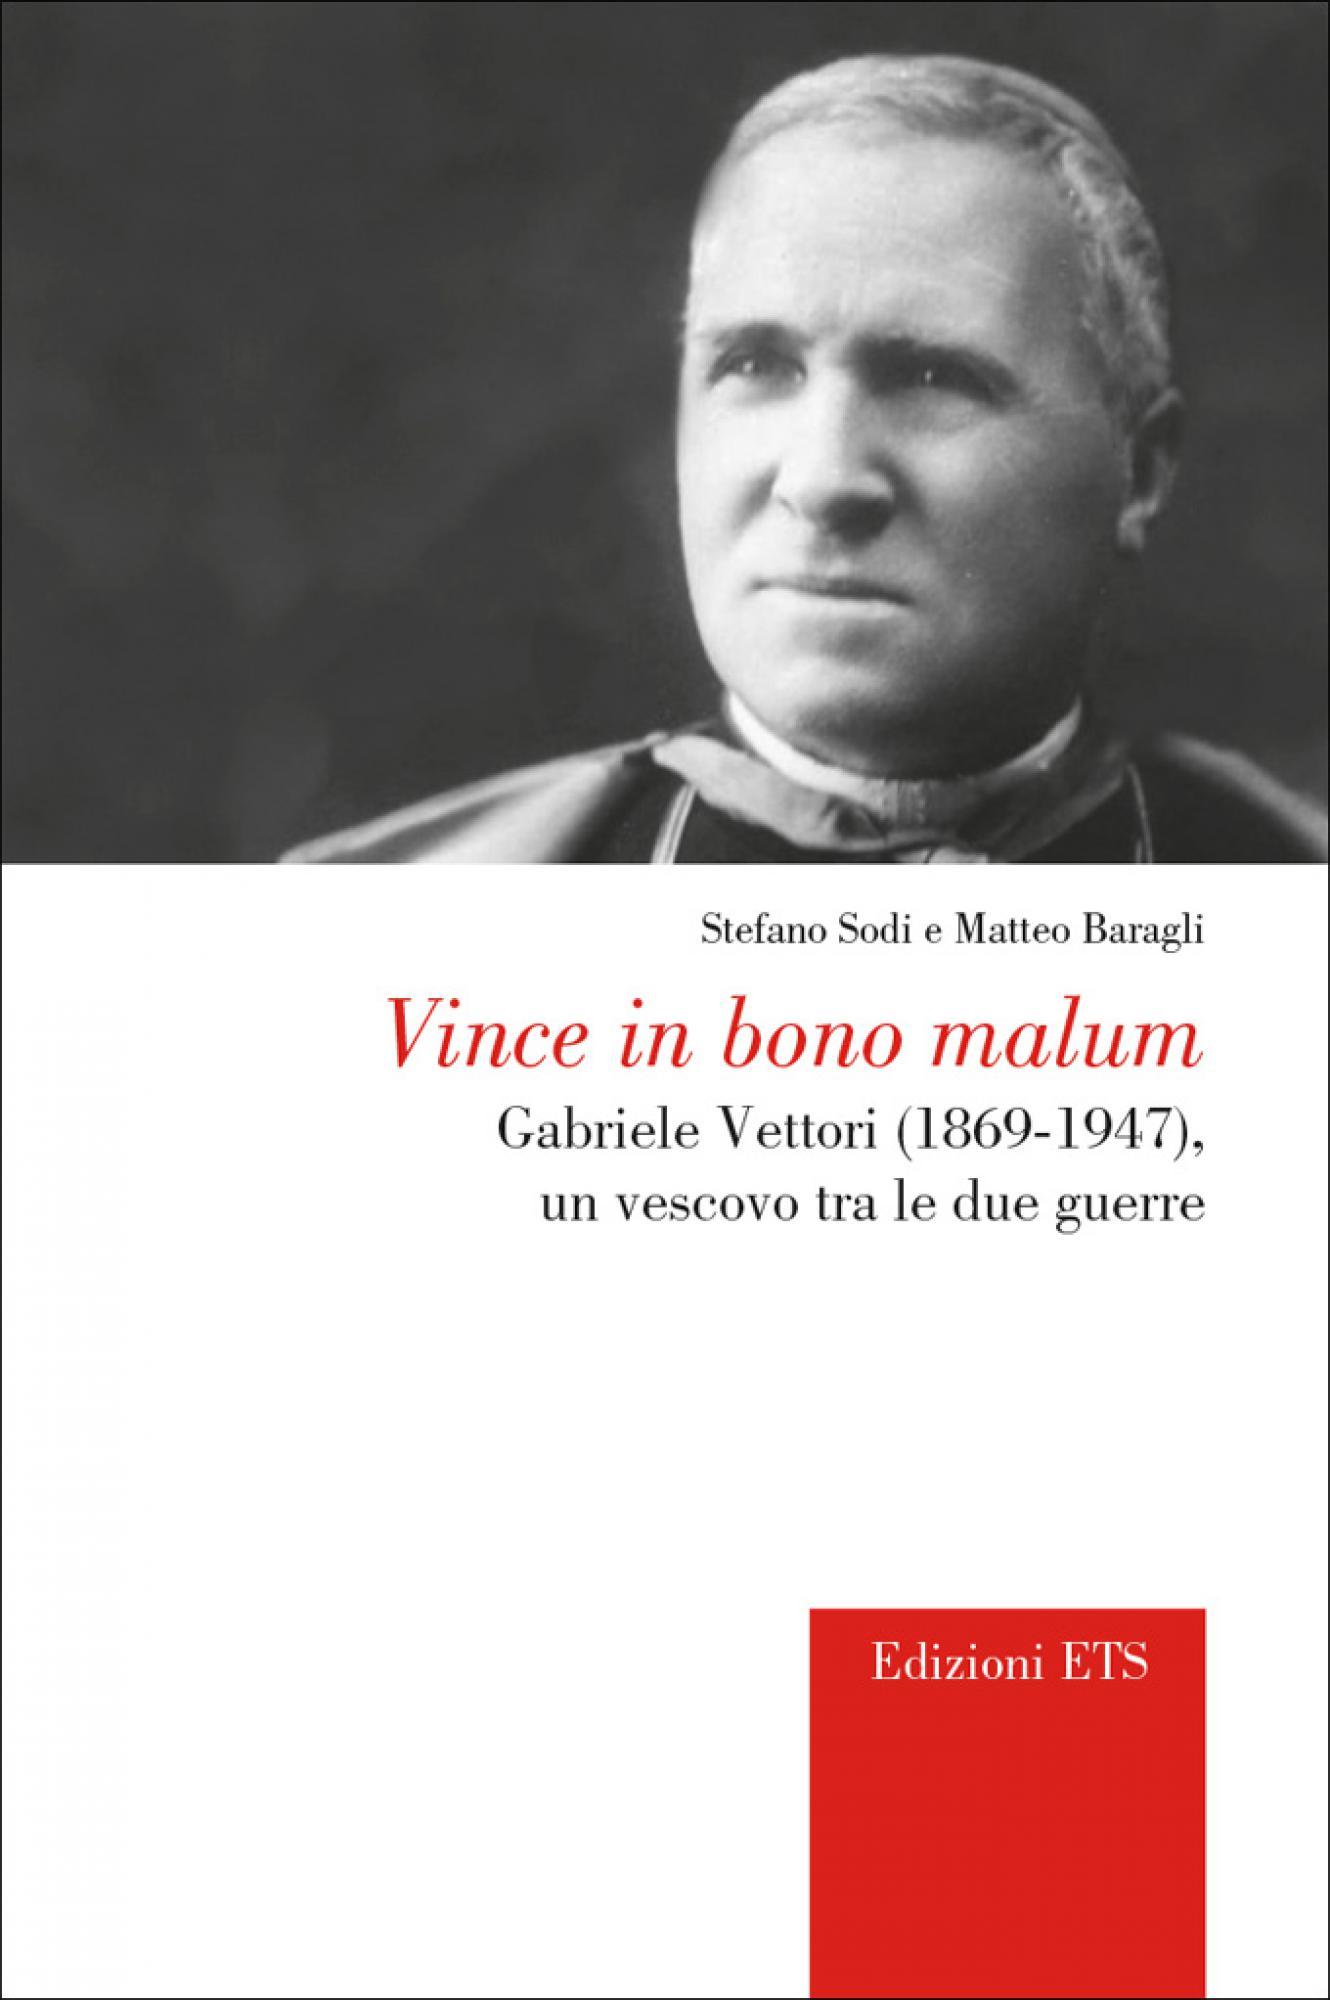 Vince in bono malum.Gabriele Vettori (1869-1947), un vescovo tra le due guerre